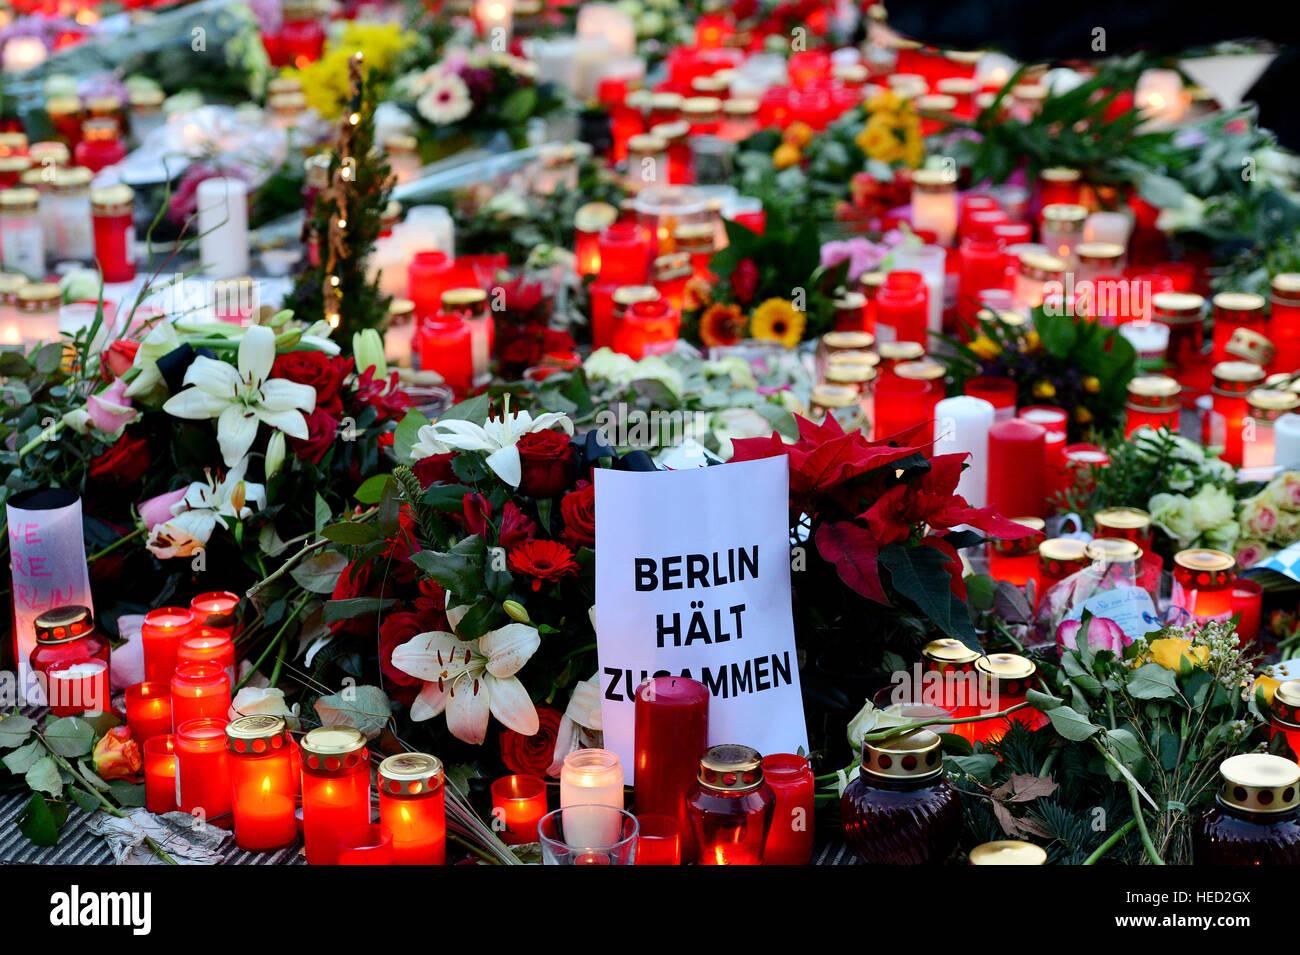 Berlino, Germania. Xxi Dec, 2016. I passanti sono previste le candele e i fiori in corrispondenza del sito dell'attacco Immagini Stock